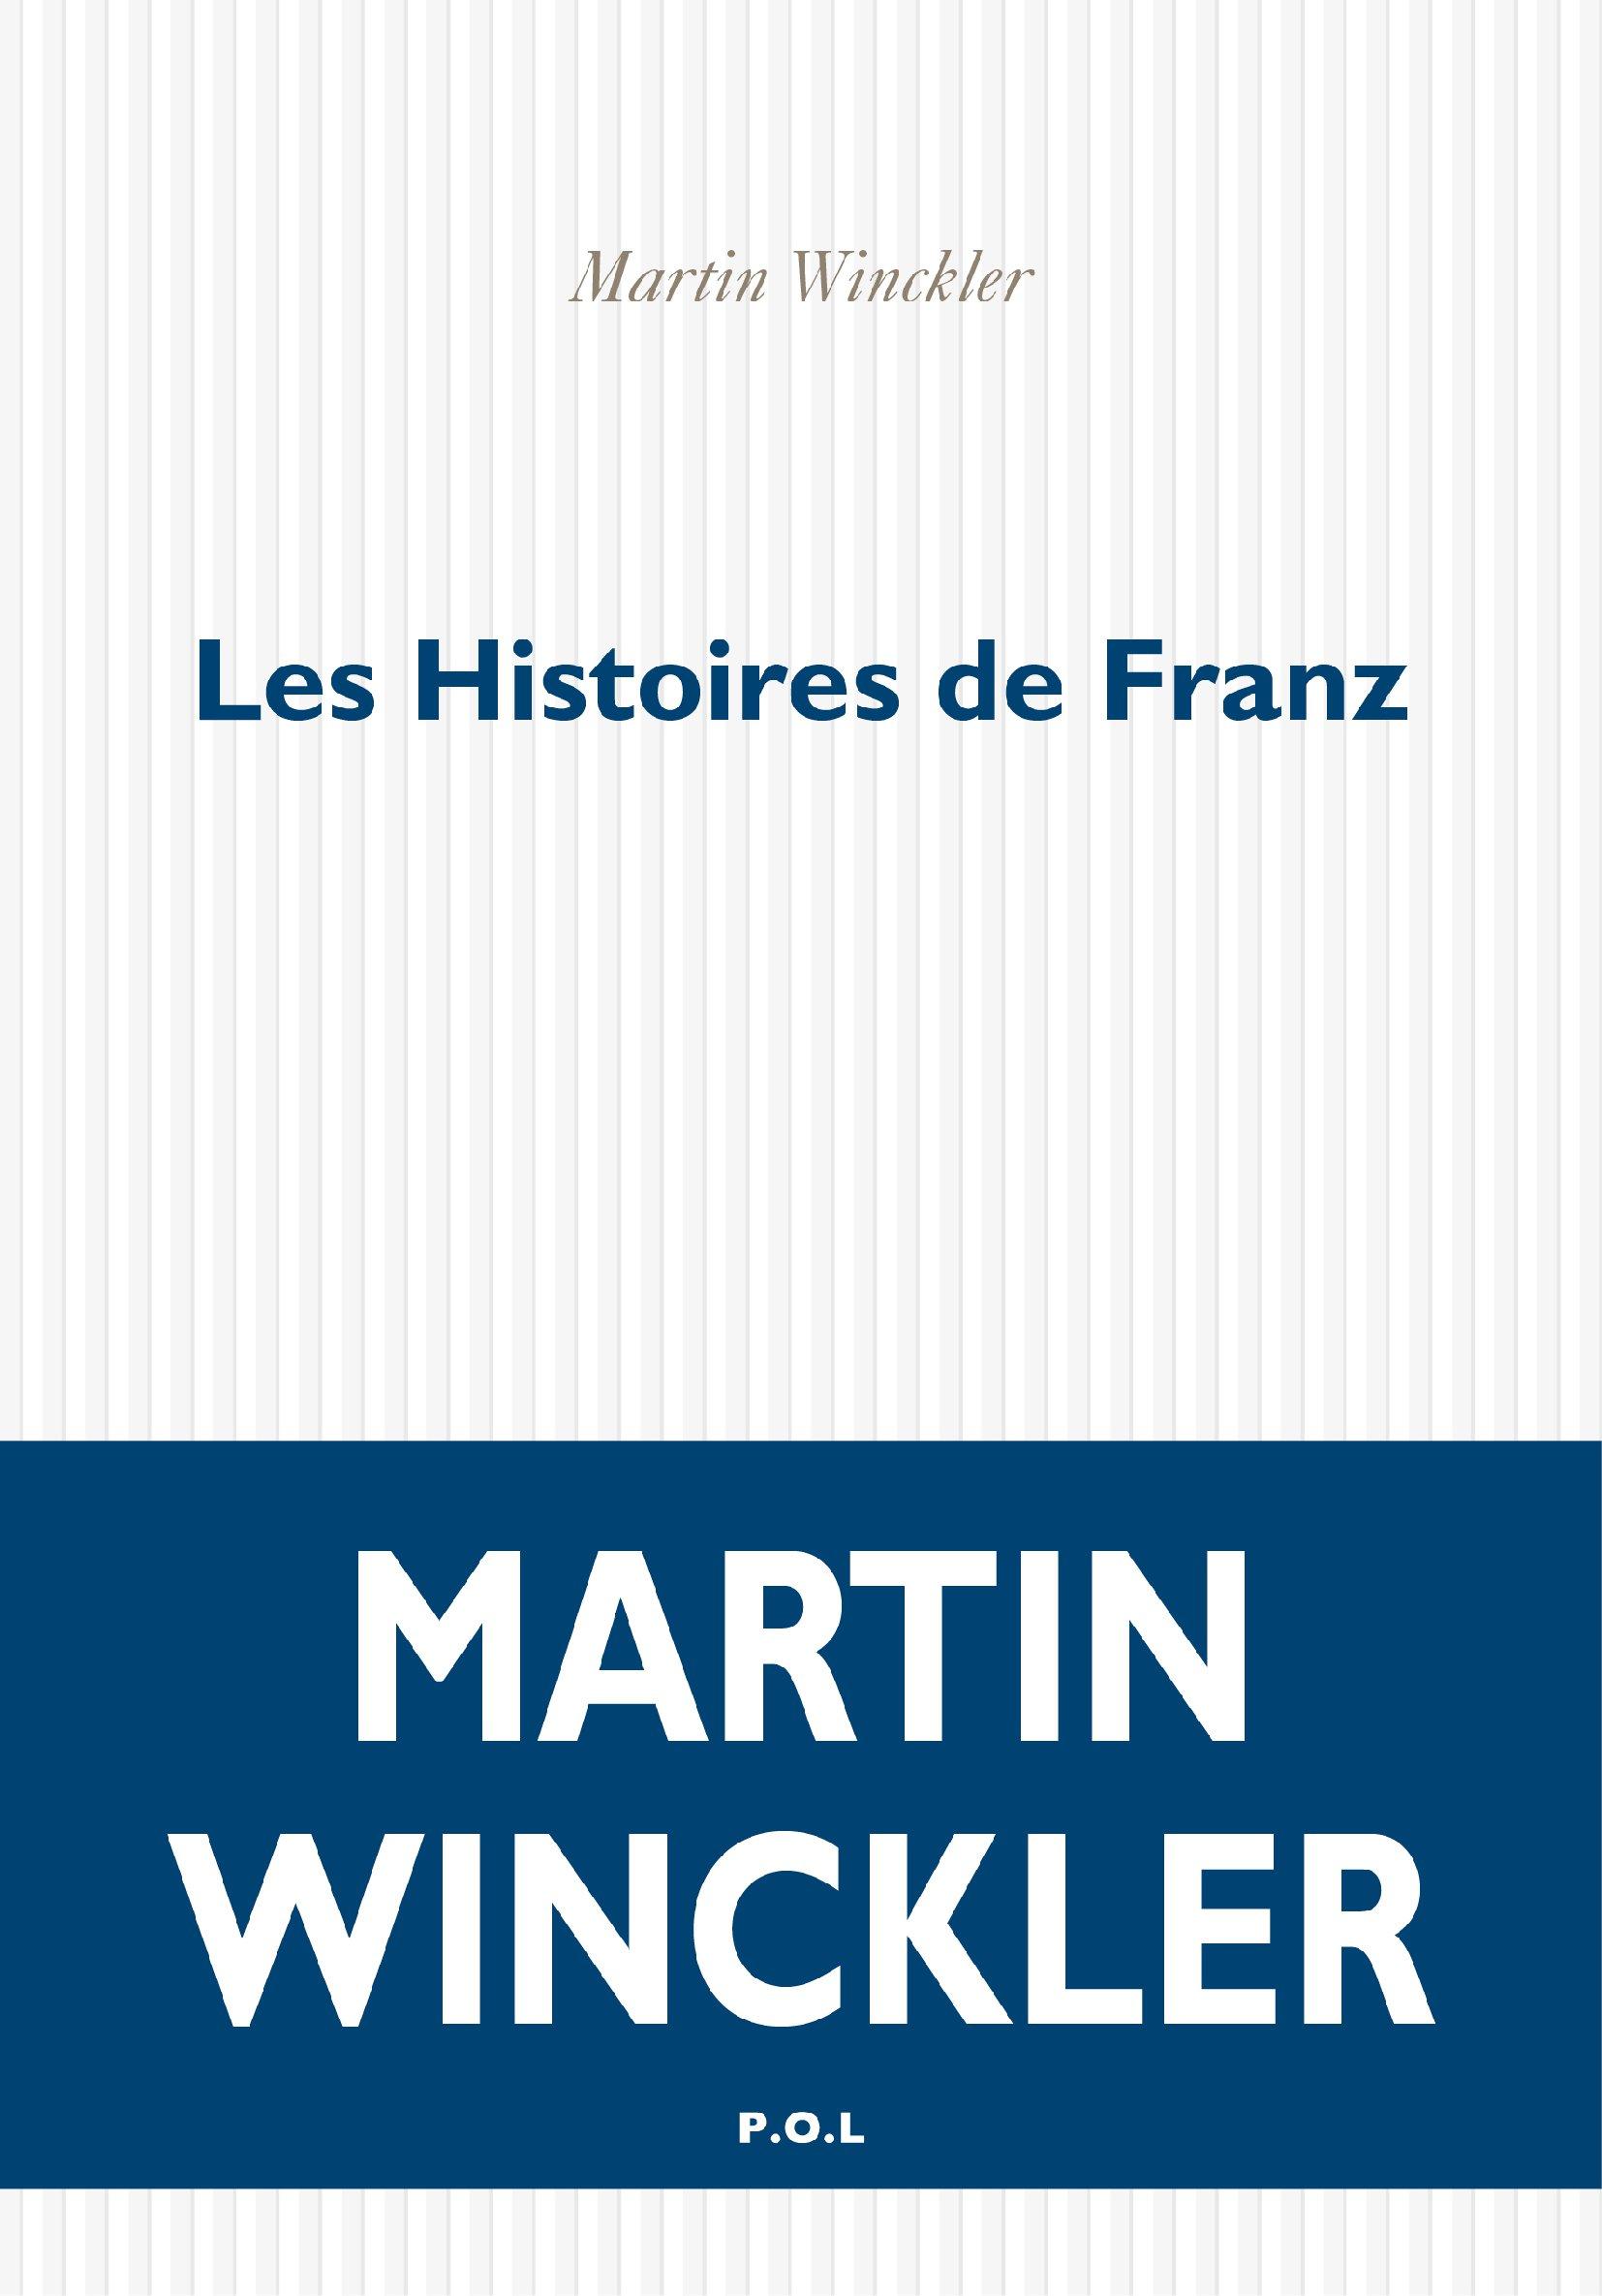 Les Histoires de Franz |